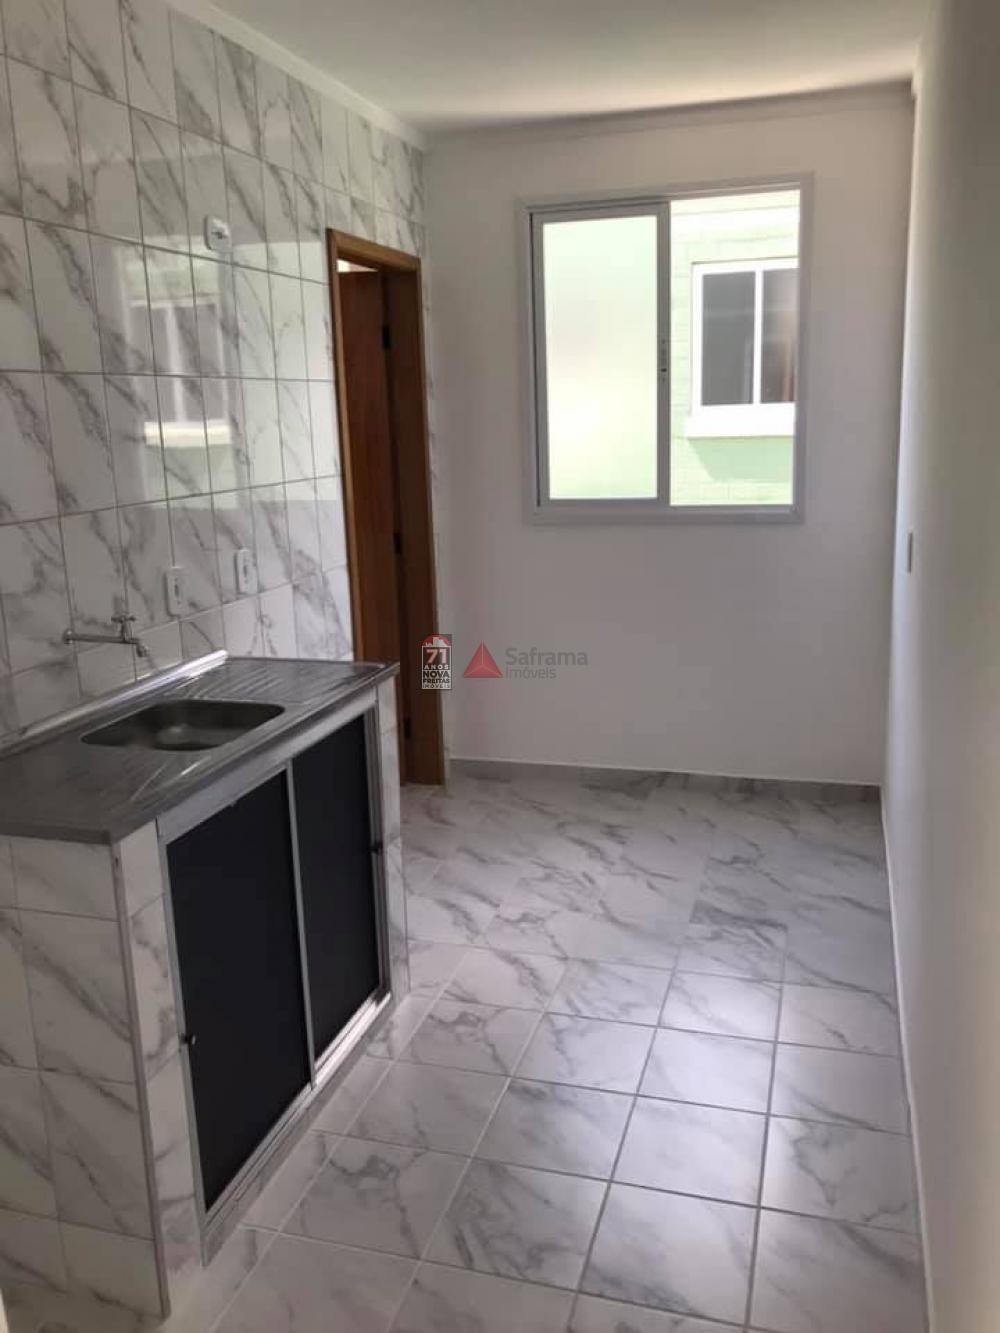 Comprar Apartamento / Padrão em Jacareí apenas R$ 163.900,00 - Foto 3